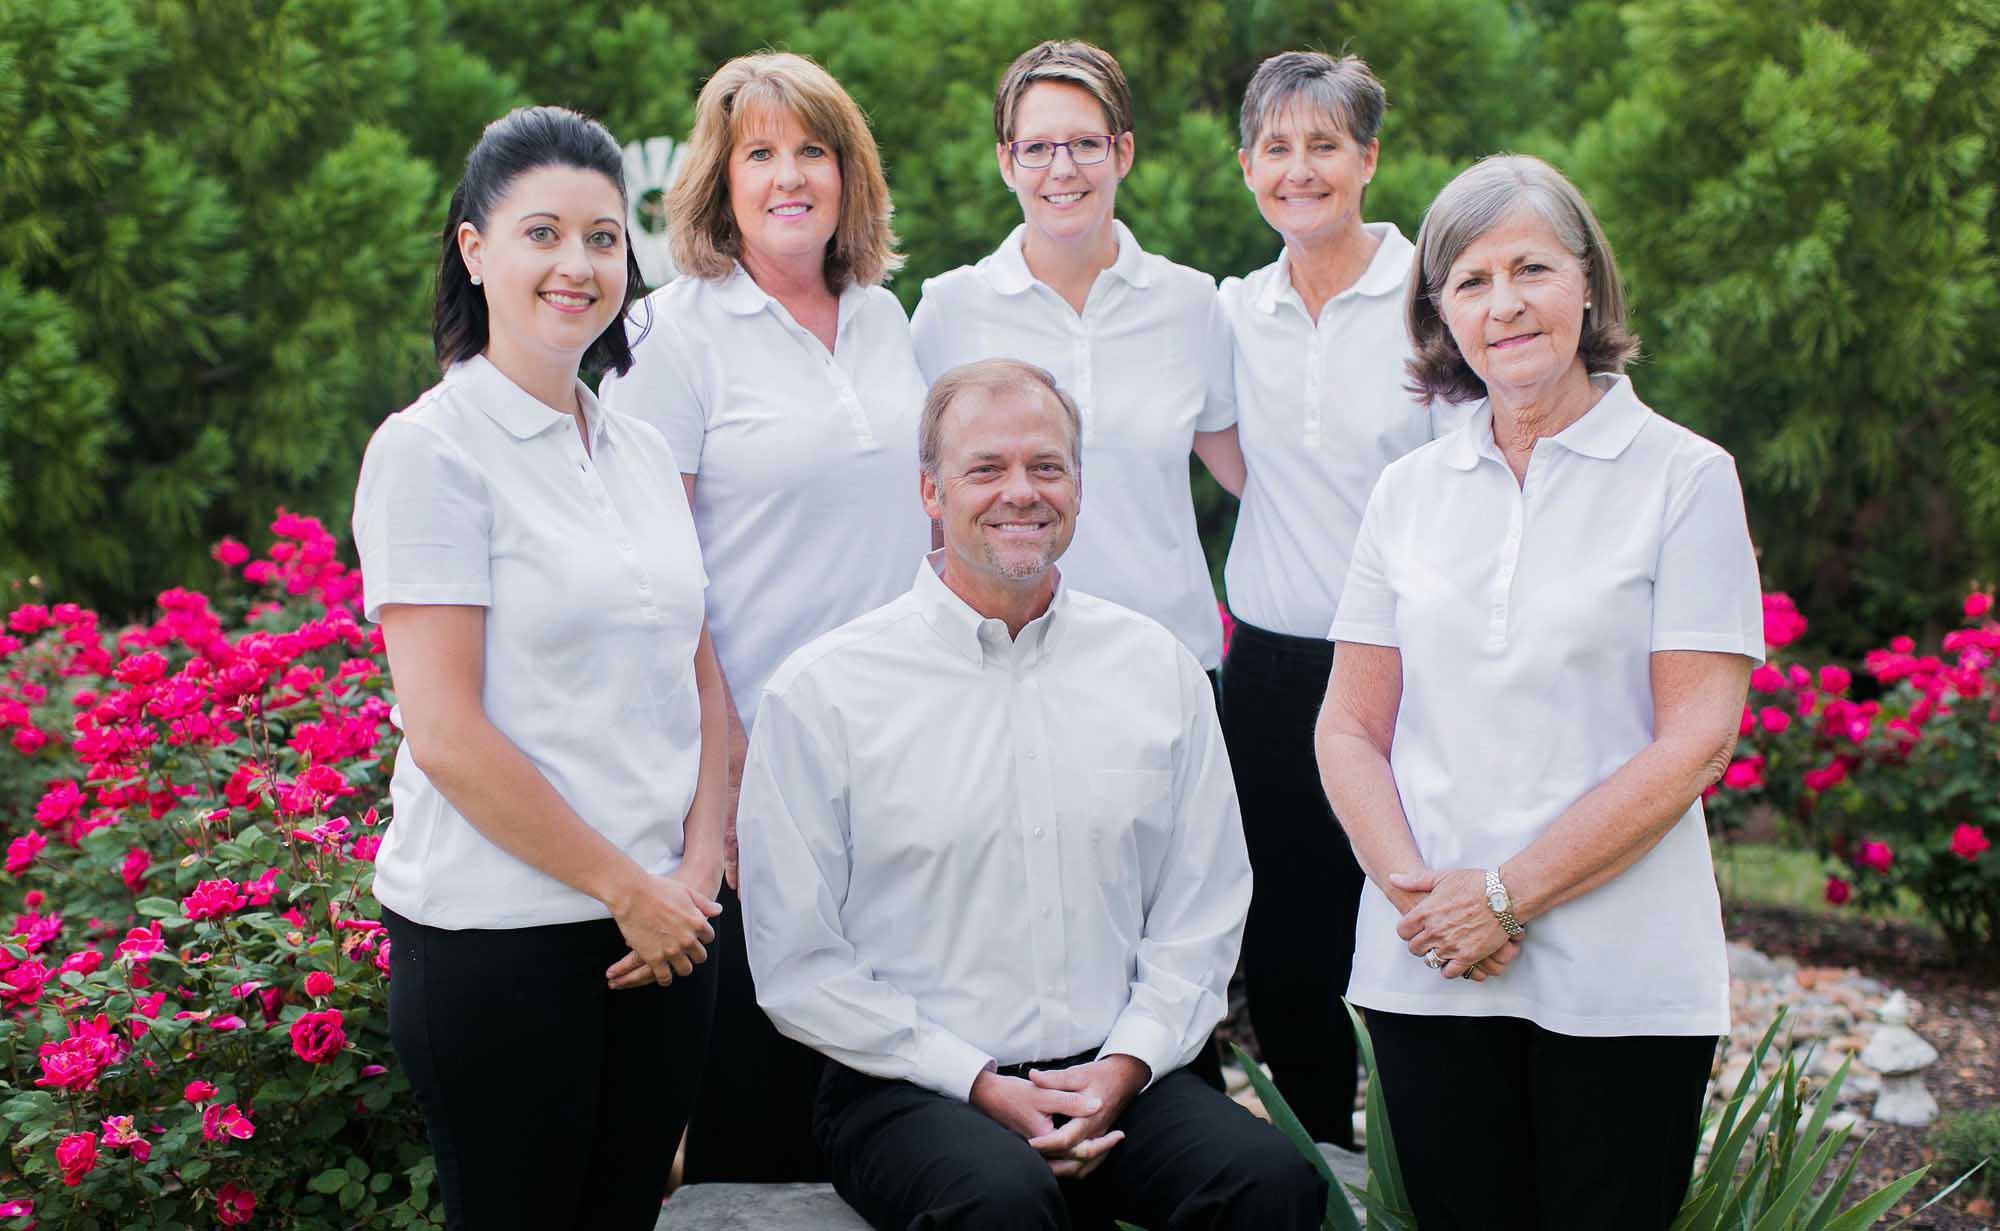 Garden Gate Staff